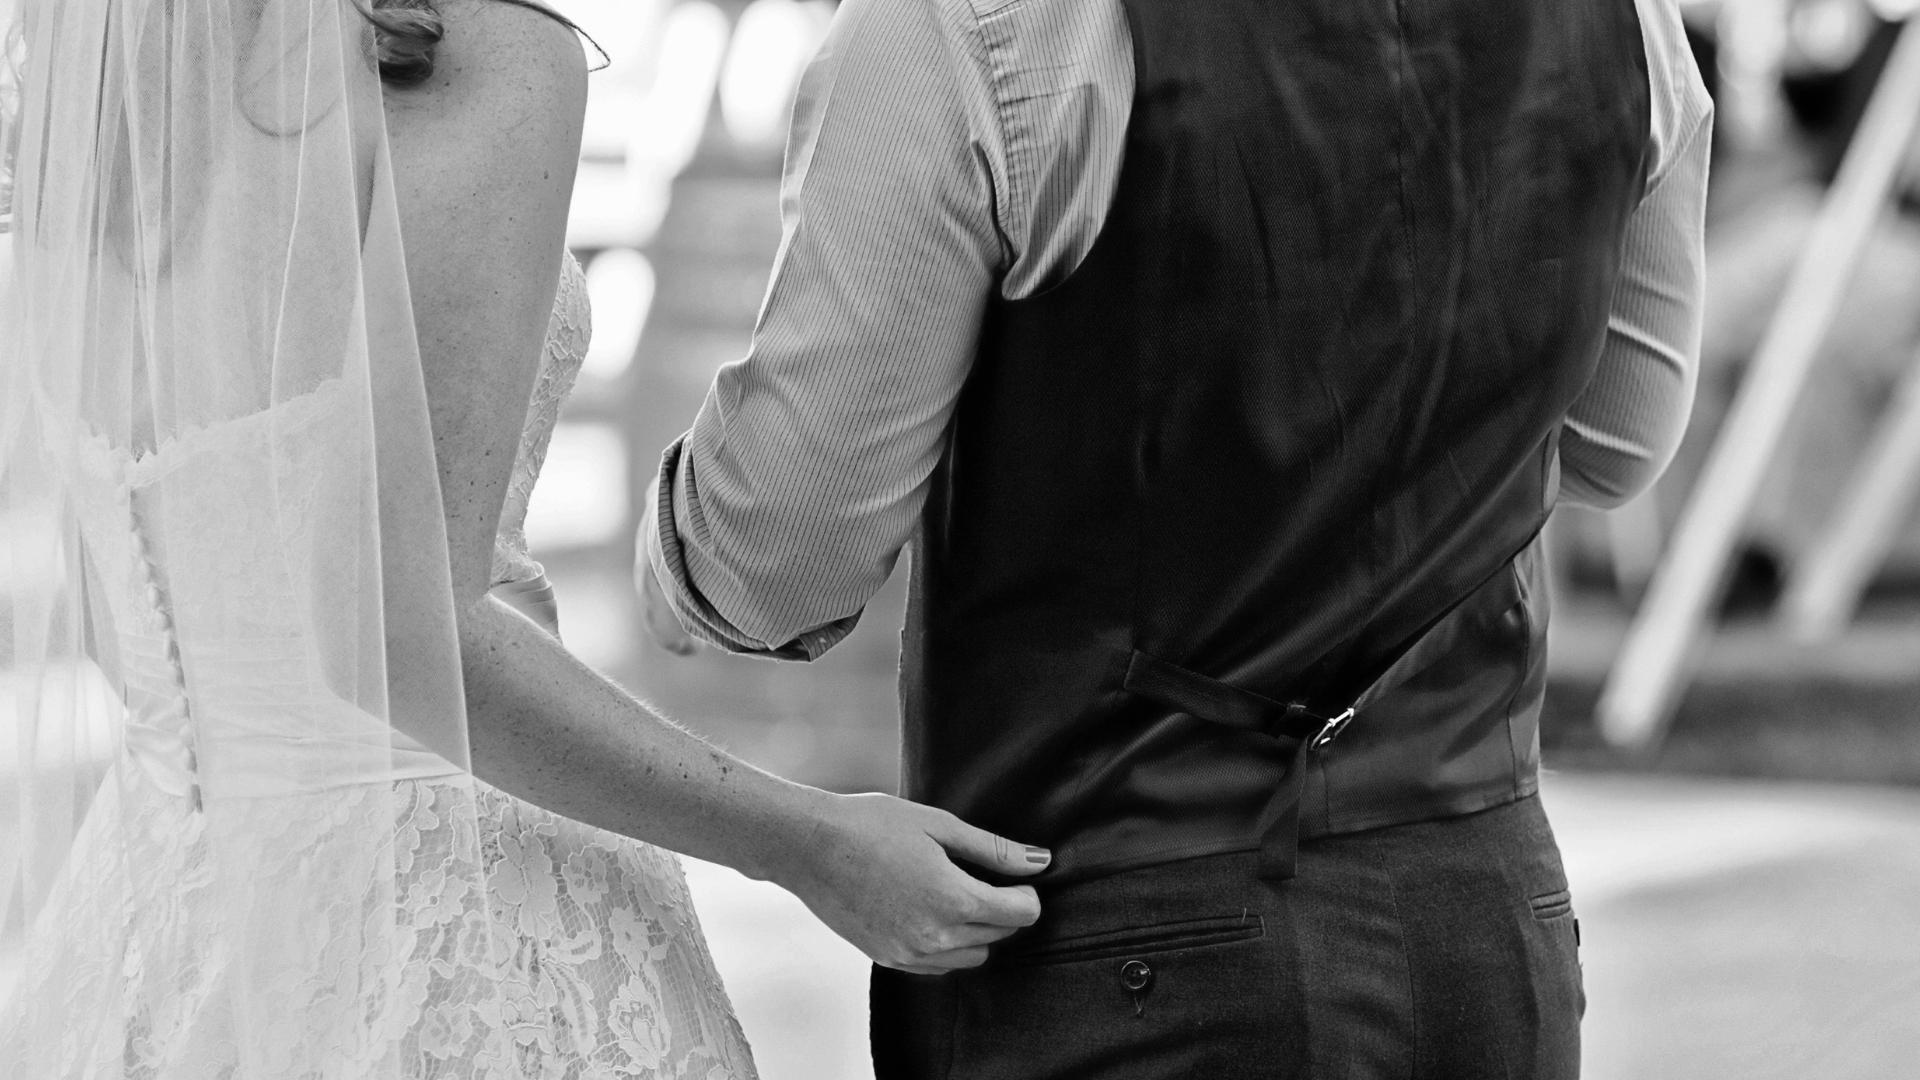 「結婚が幸せとは限らない」と結婚して(いまのところ)幸せなぼくは主張し続ける